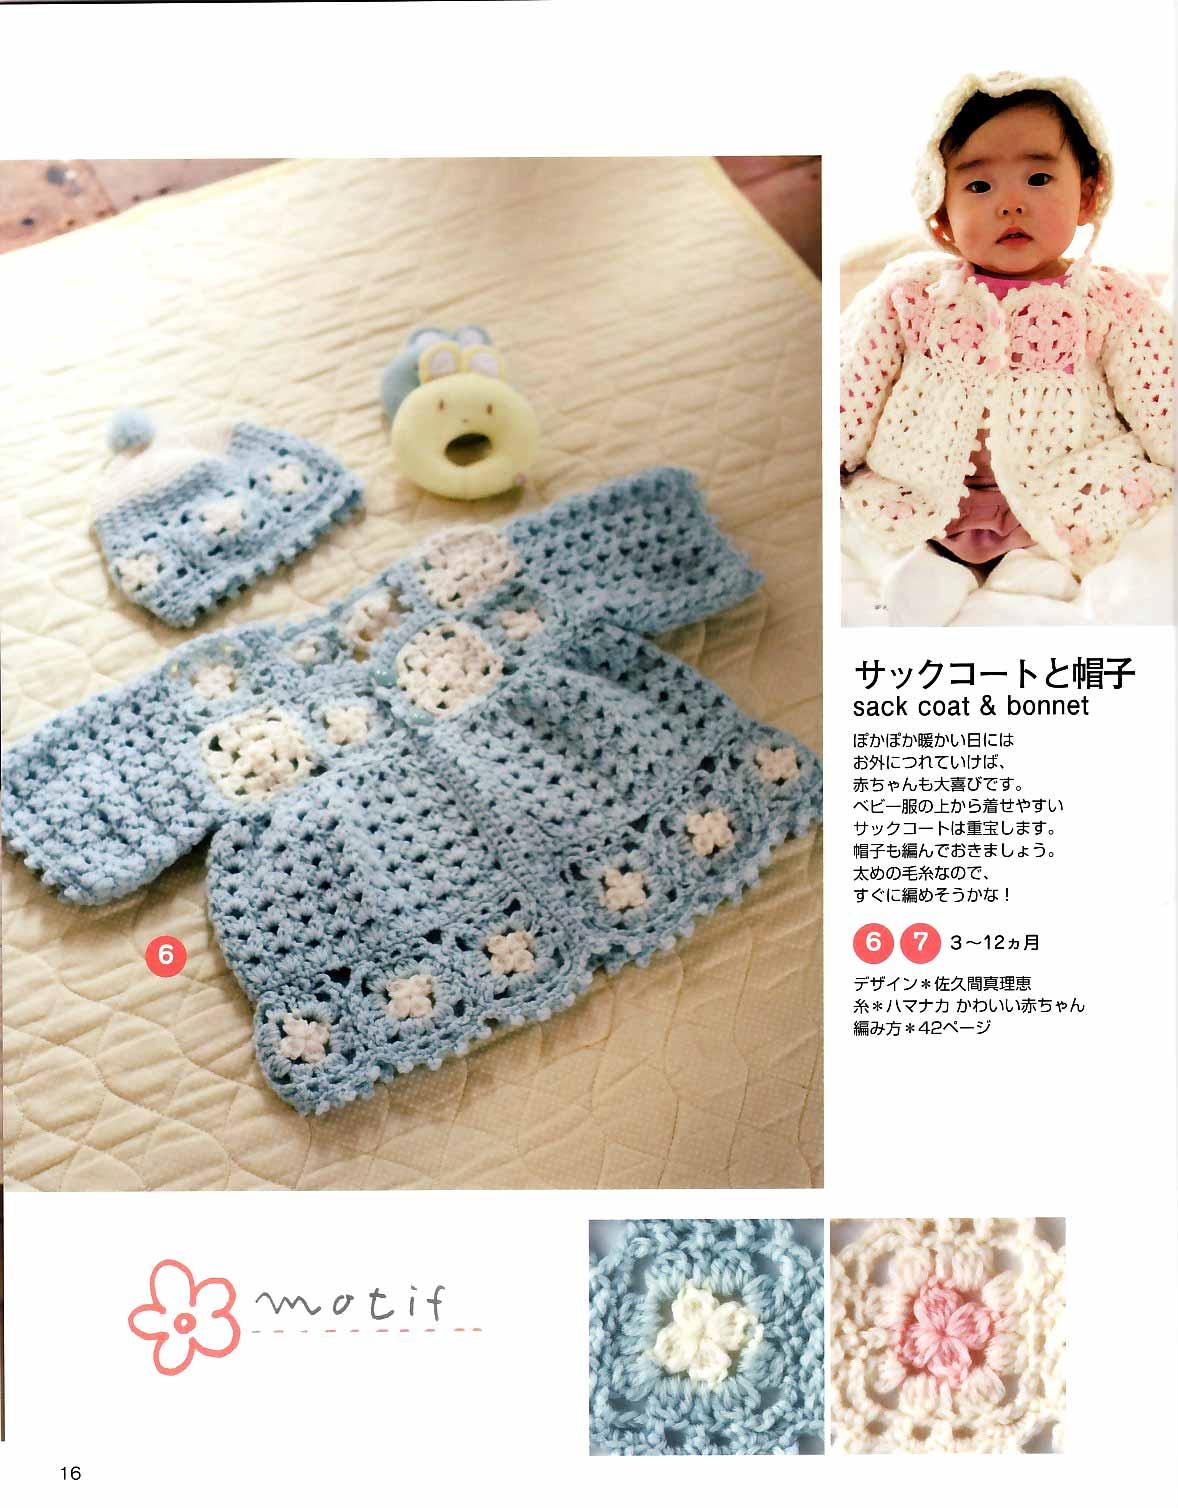 Chaquetitas a crochet demasiado bellas para bebes (rosada y azul)